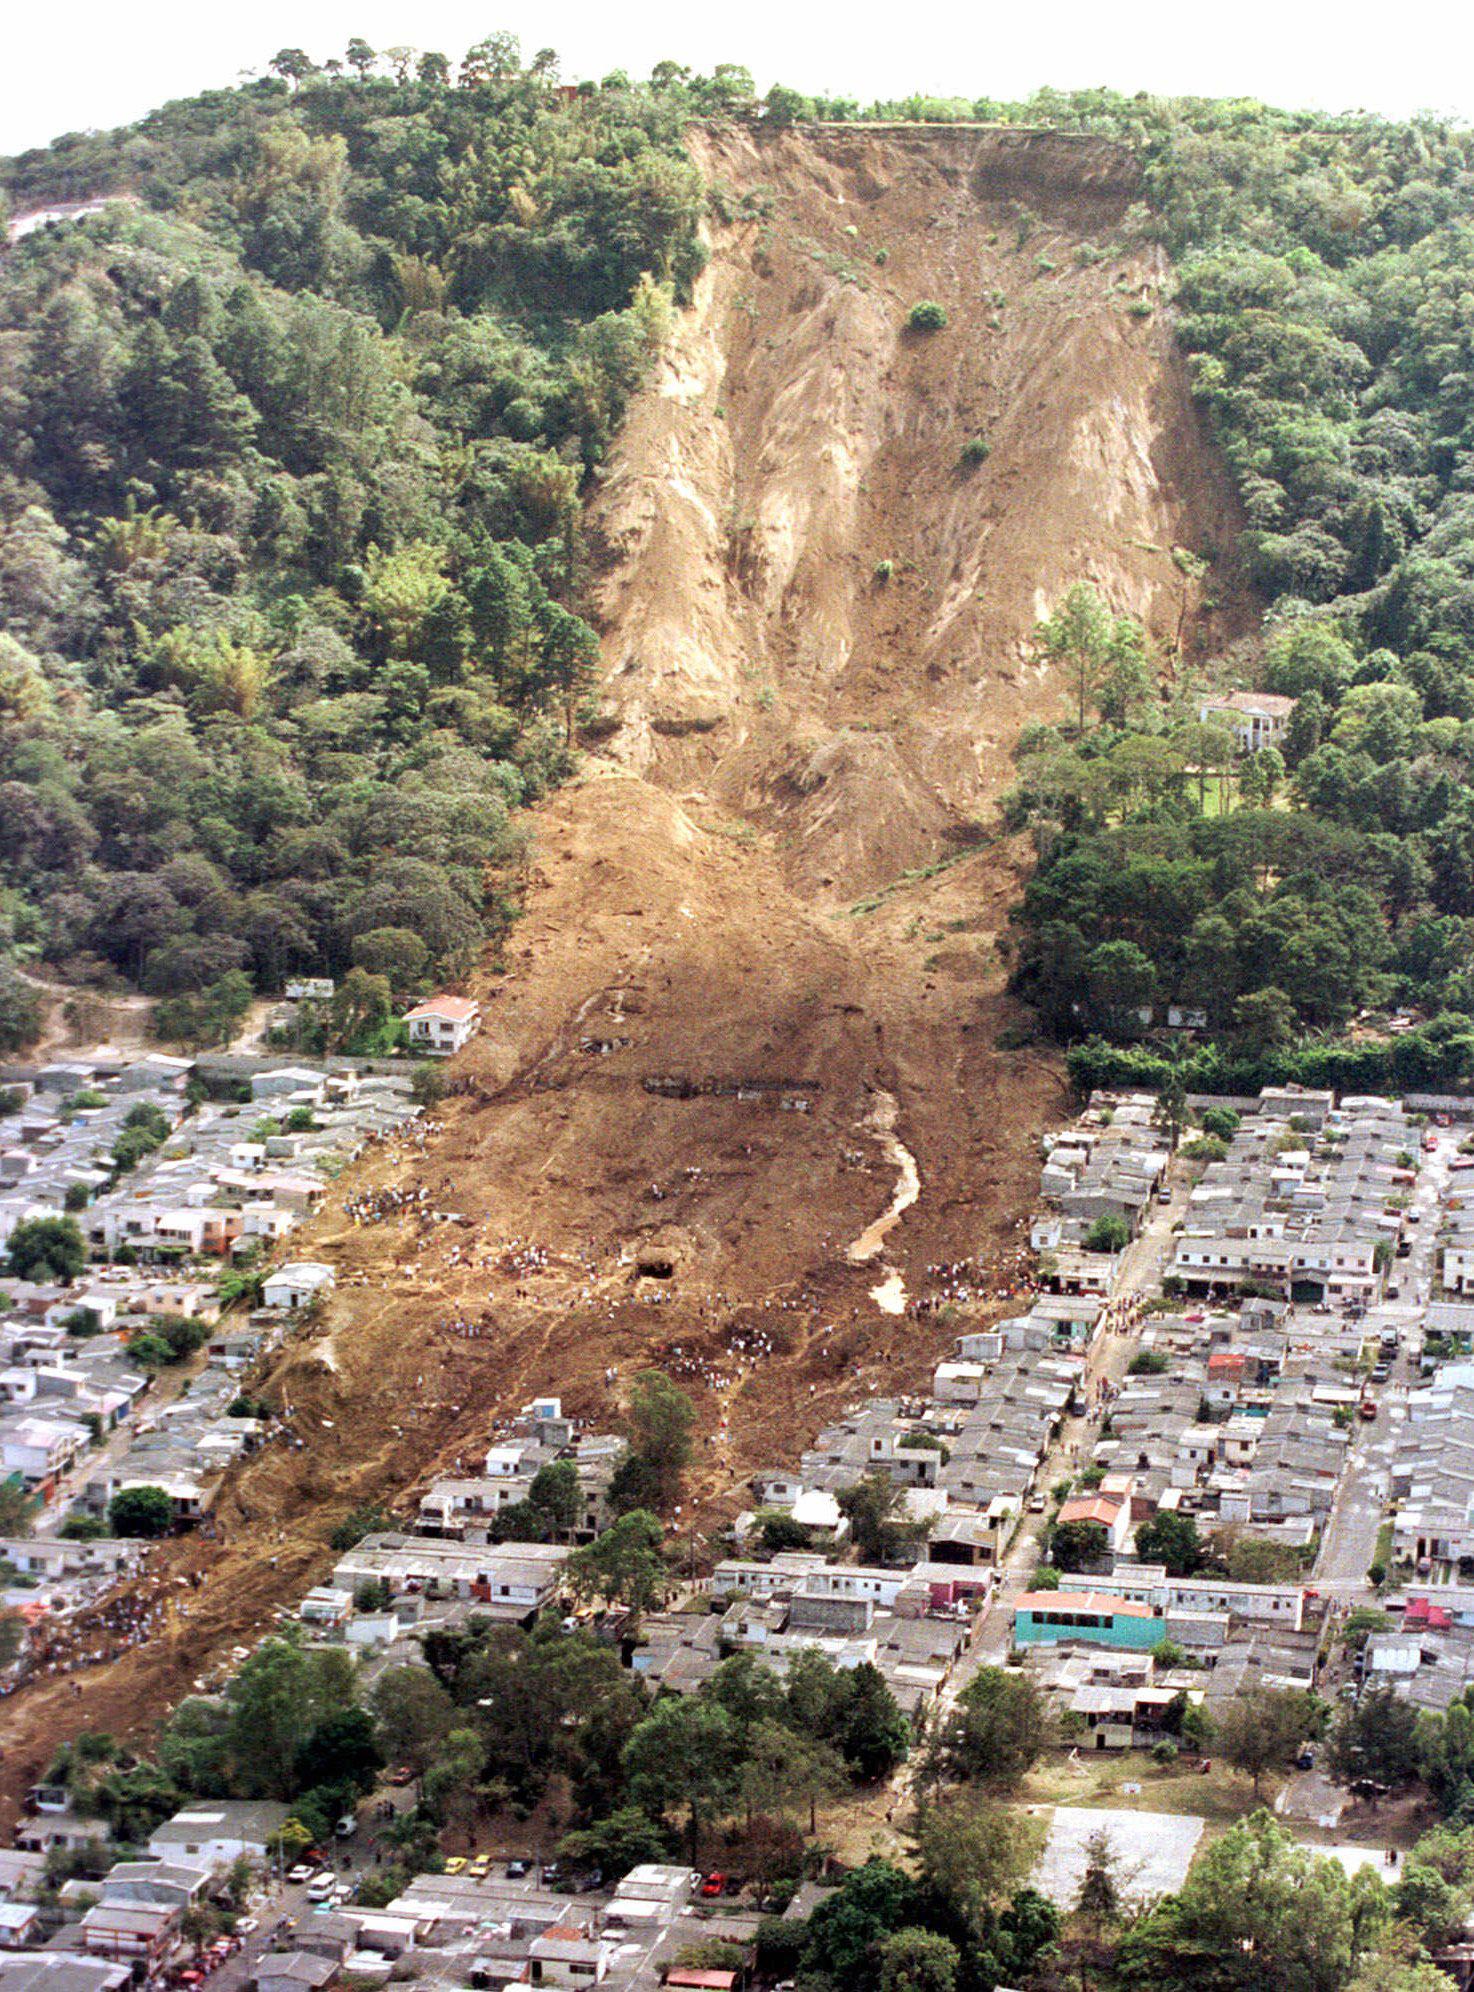 Destruction from a landslide in El Salvador